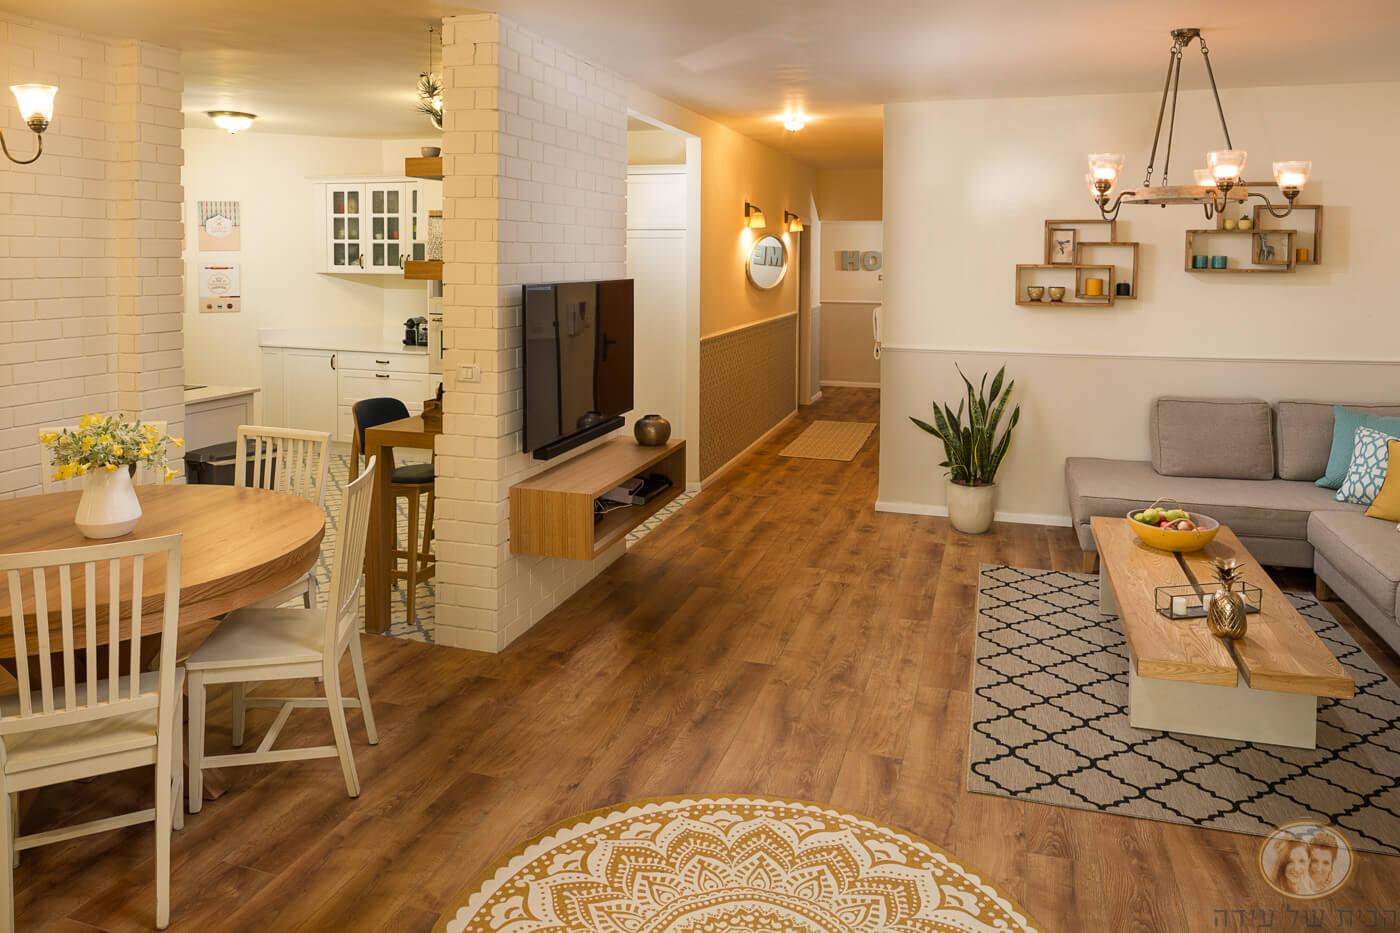 הקיר בין המטבח לסלון צומצם והוקטן לעמוד ועליו מוקמה הטלויזיה